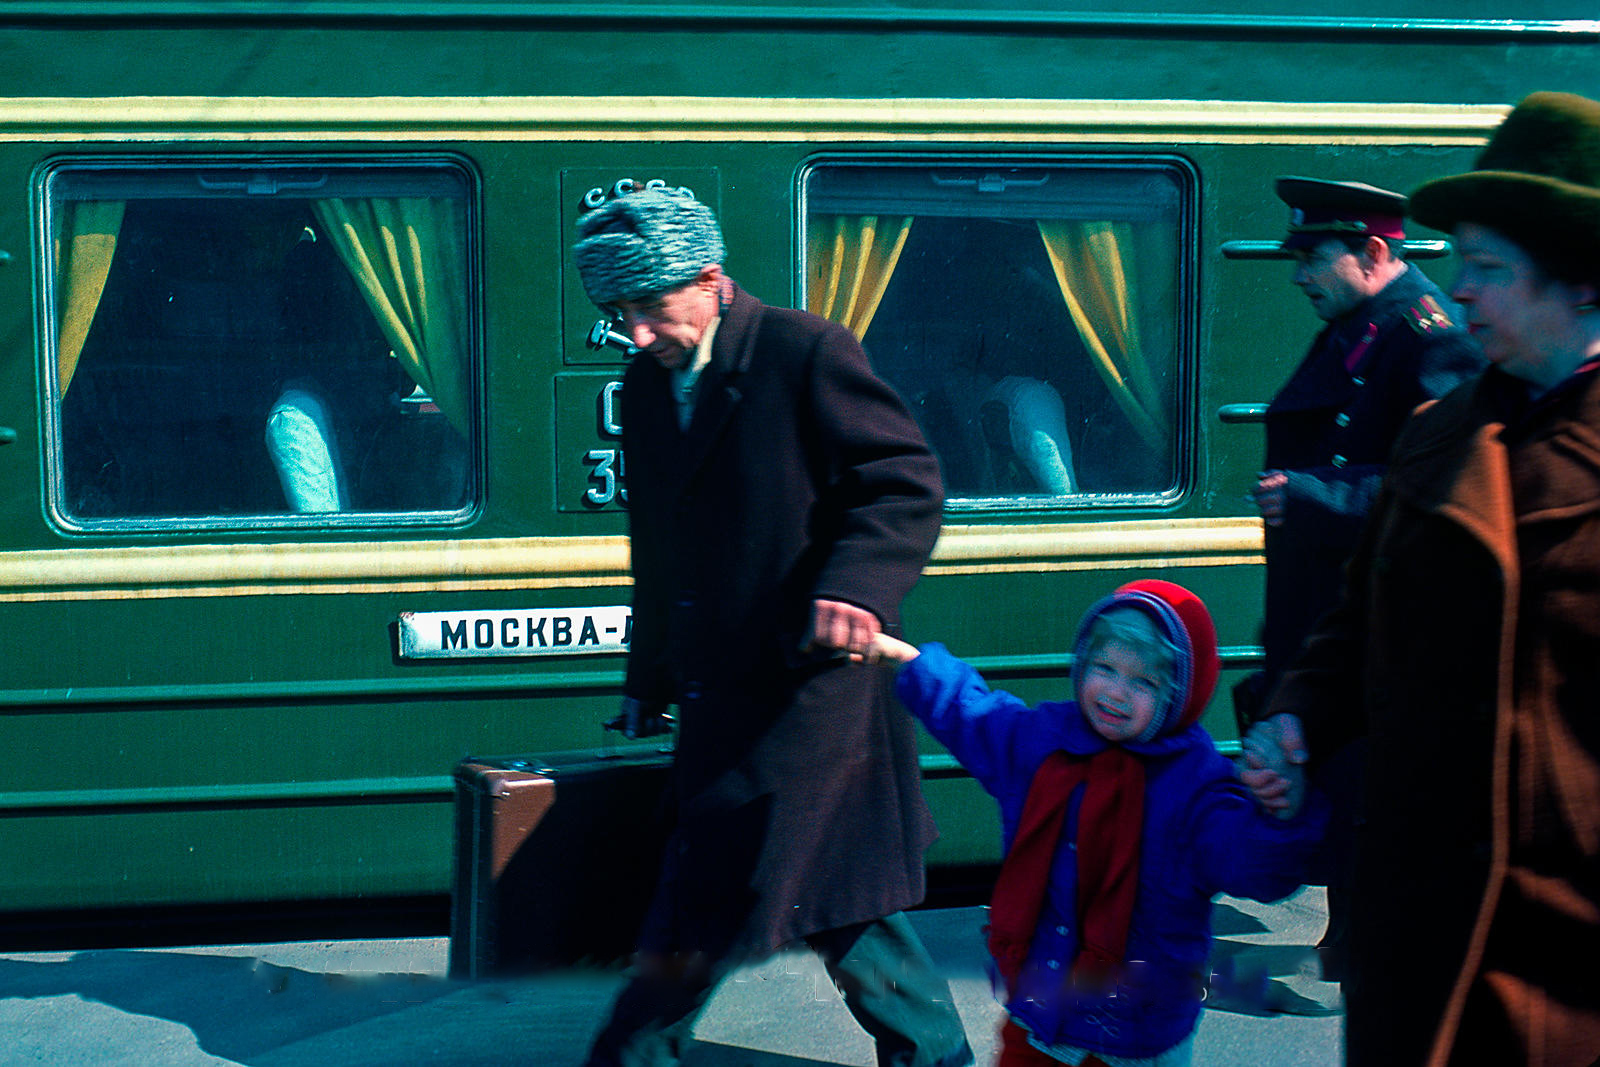 Экспресс Москва-Ленинград. Крепко схваченный бабушкой и дедушкой, неохотно путешественник направляется на поезд